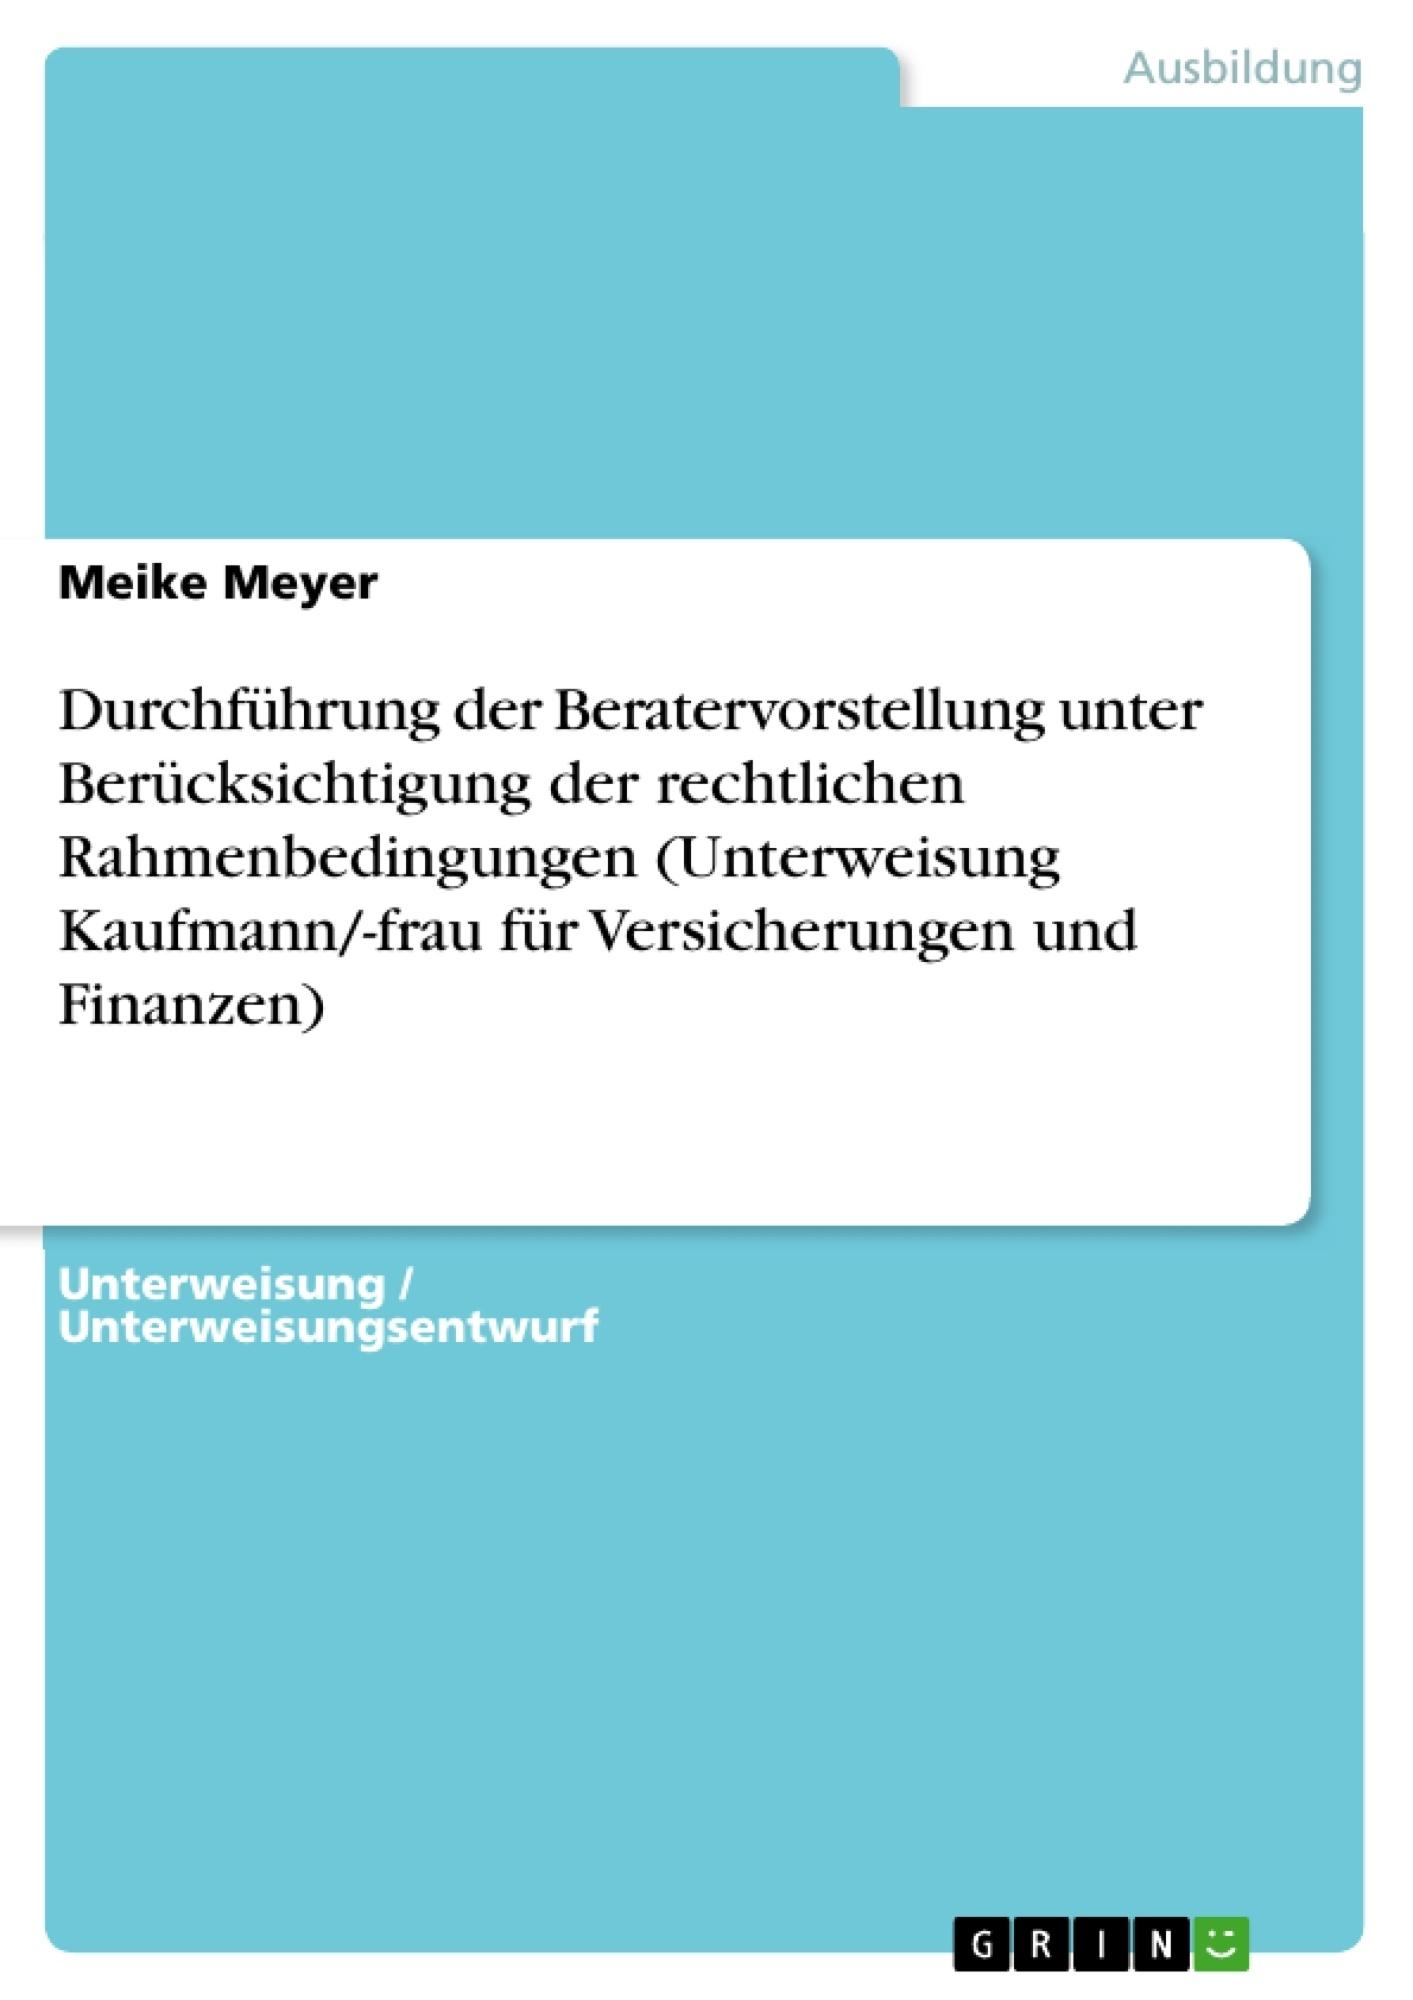 Titel: Durchführung der Beratervorstellung unter Berücksichtigung der rechtlichen Rahmenbedingungen (Unterweisung Kaufmann/-frau für Versicherungen und Finanzen)